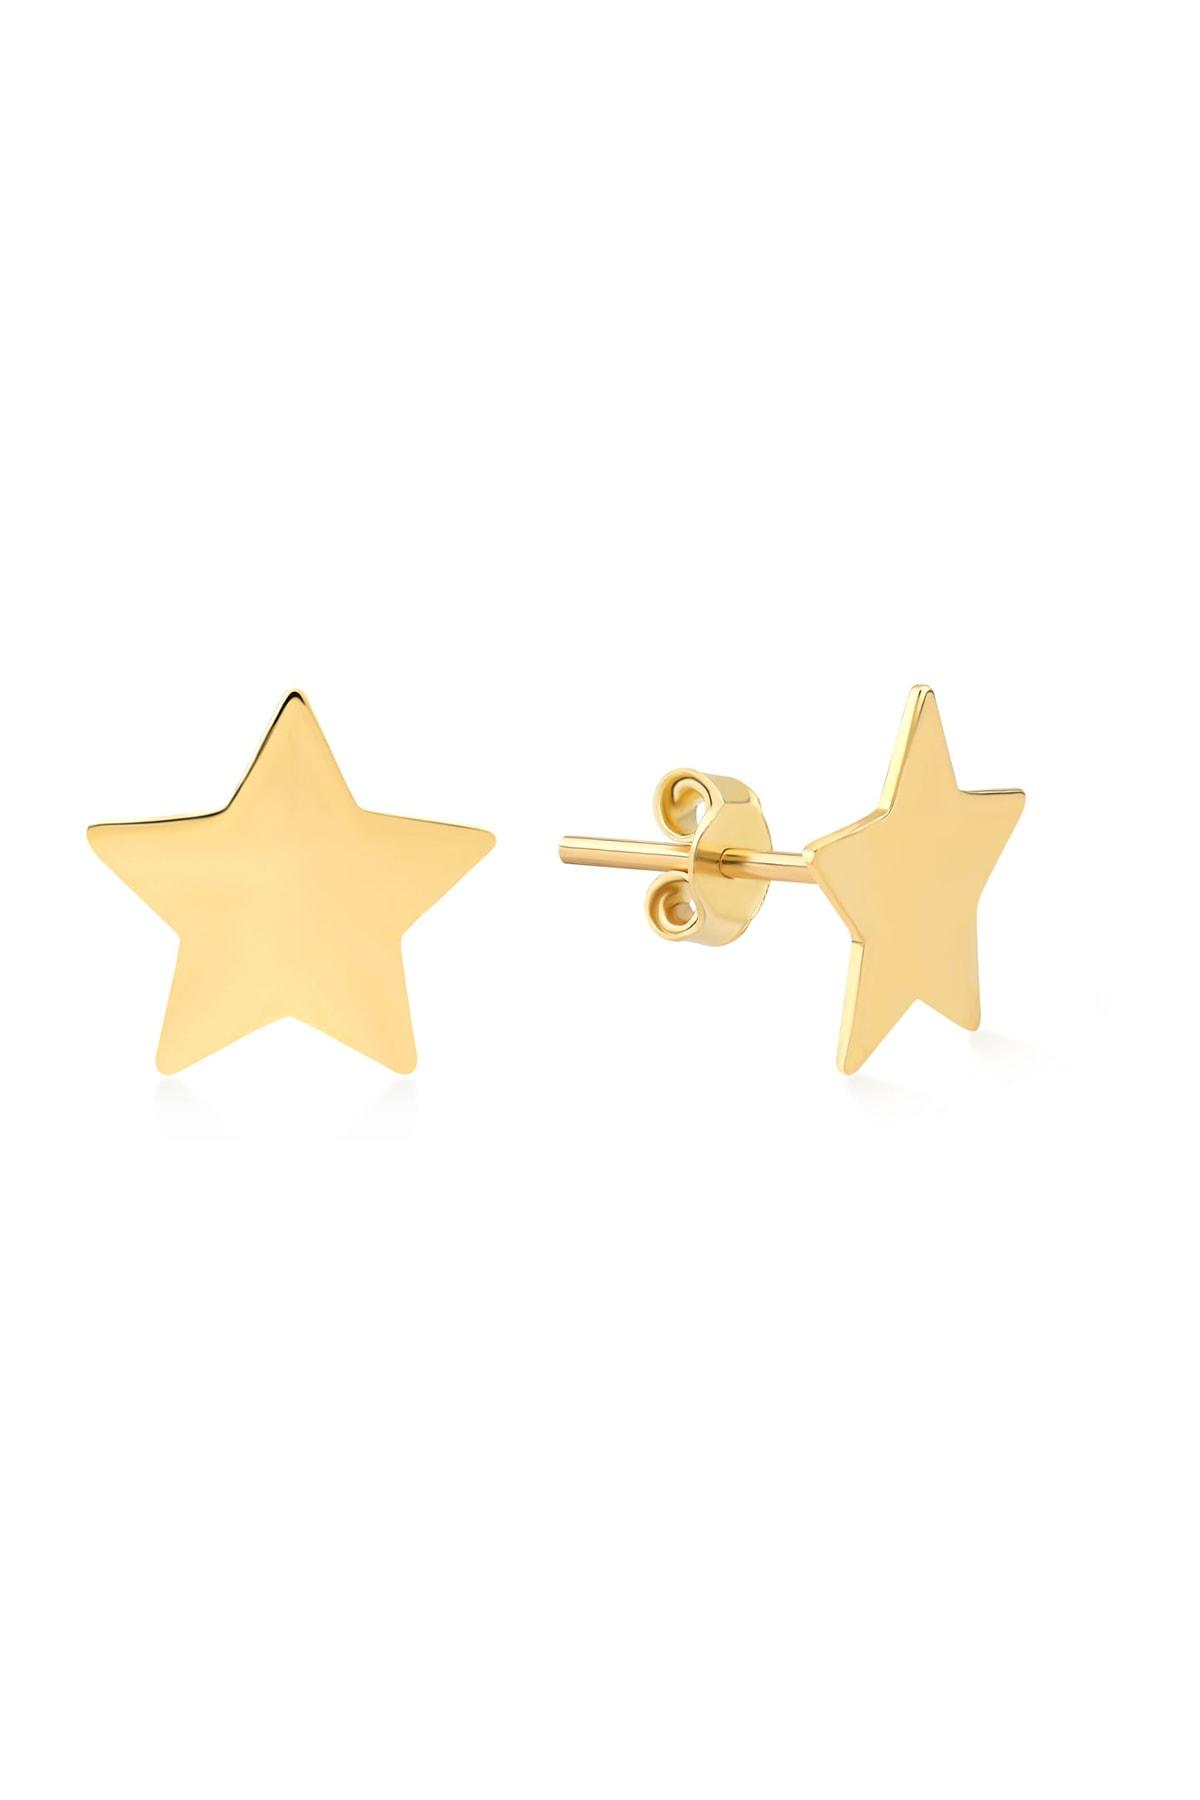 Gelin Pırlanta Gelin Diamond 14 Ayar Altın Yıldız Küpe